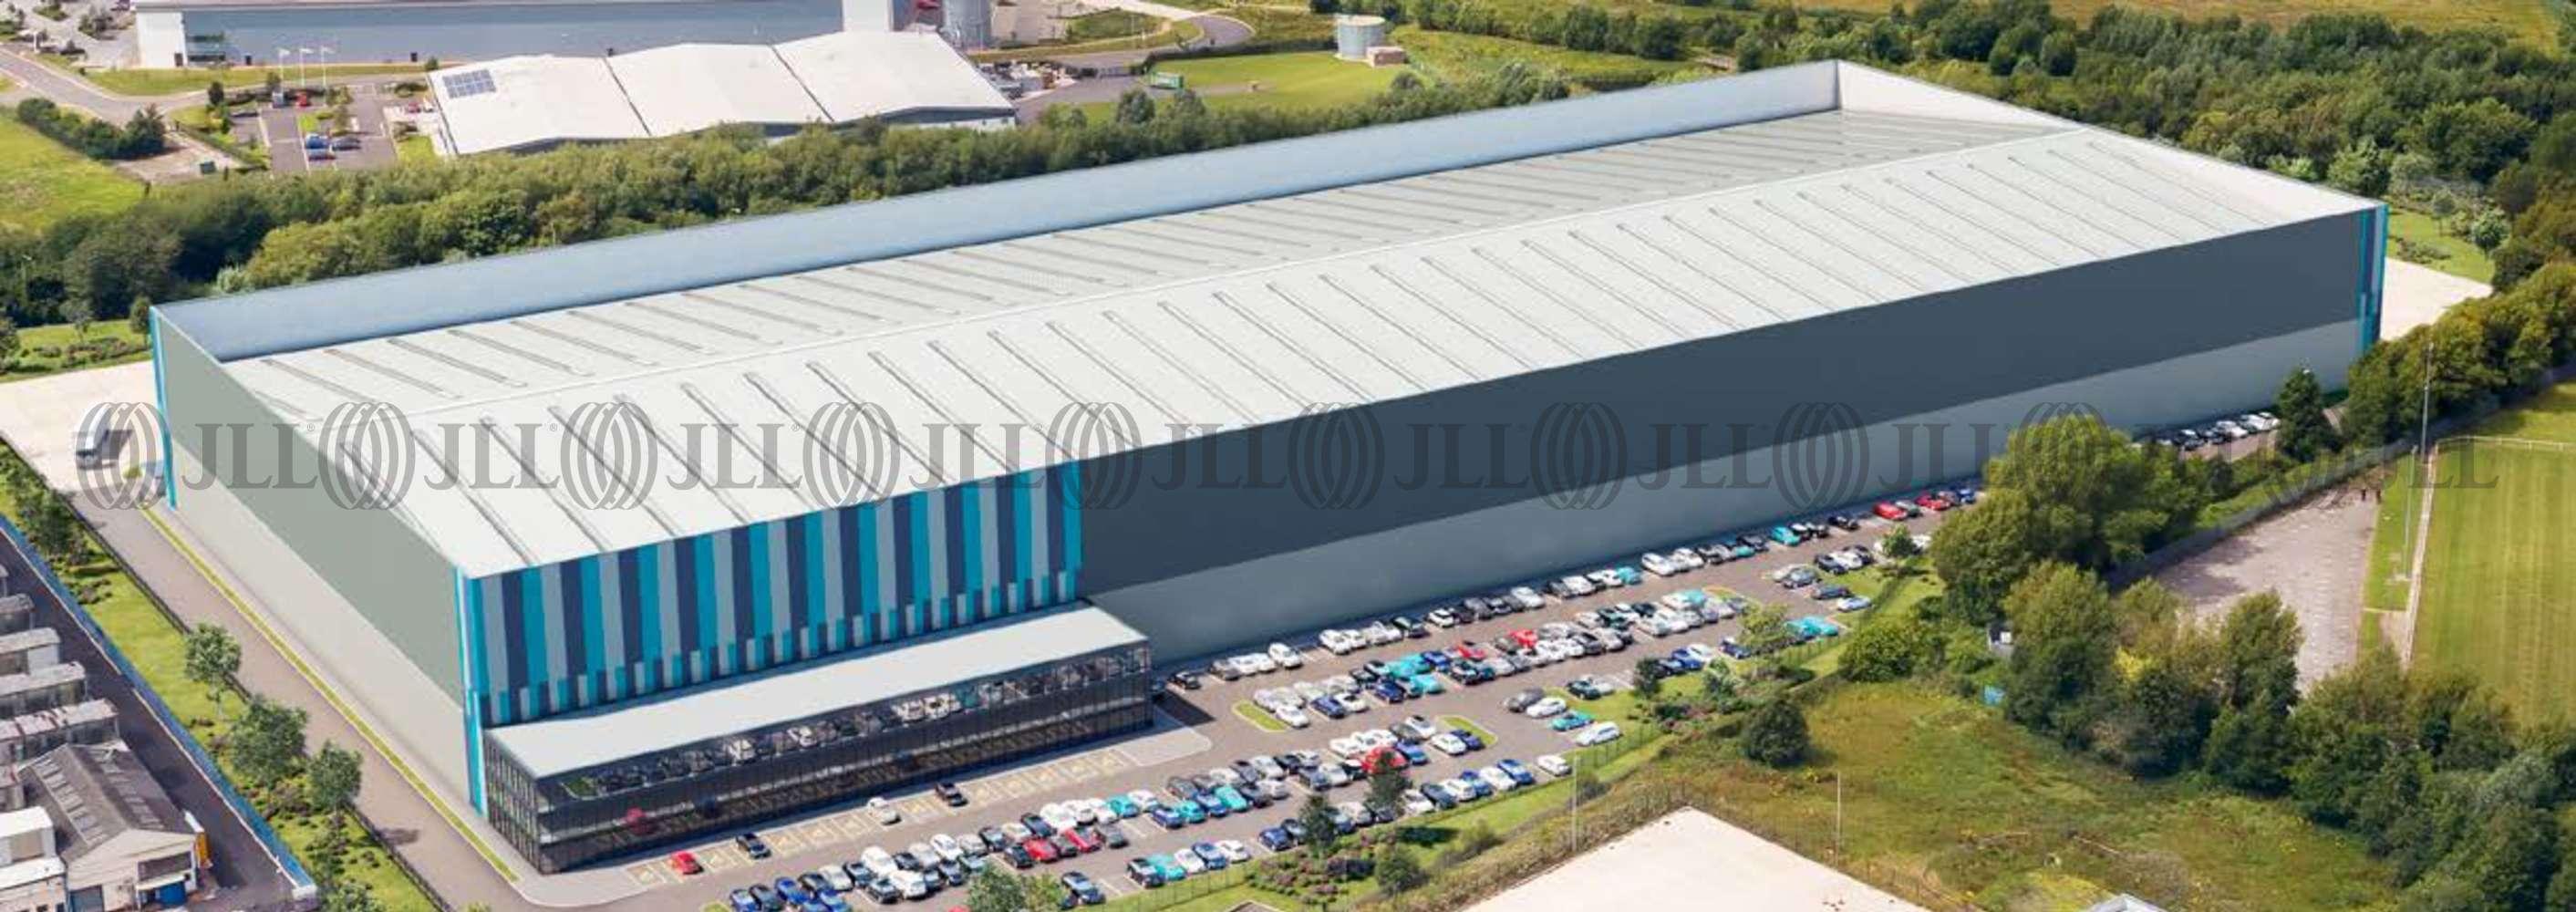 Land Wolverhampton, WV10 6QD - Pin 54